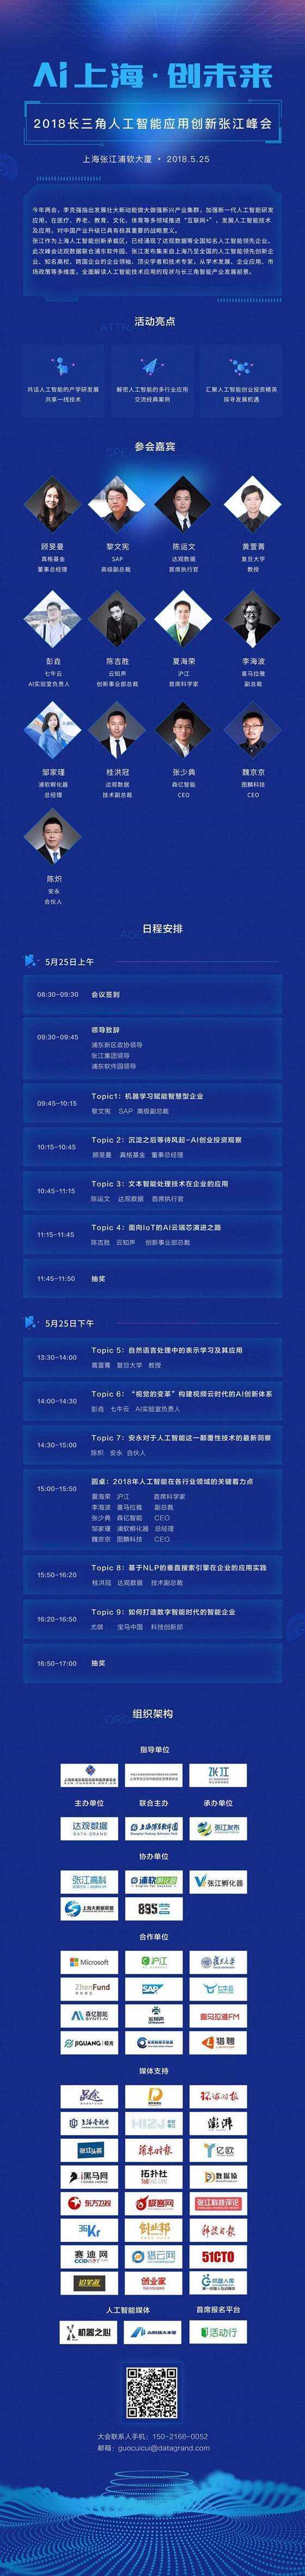 活动行宣传图最新-min.png